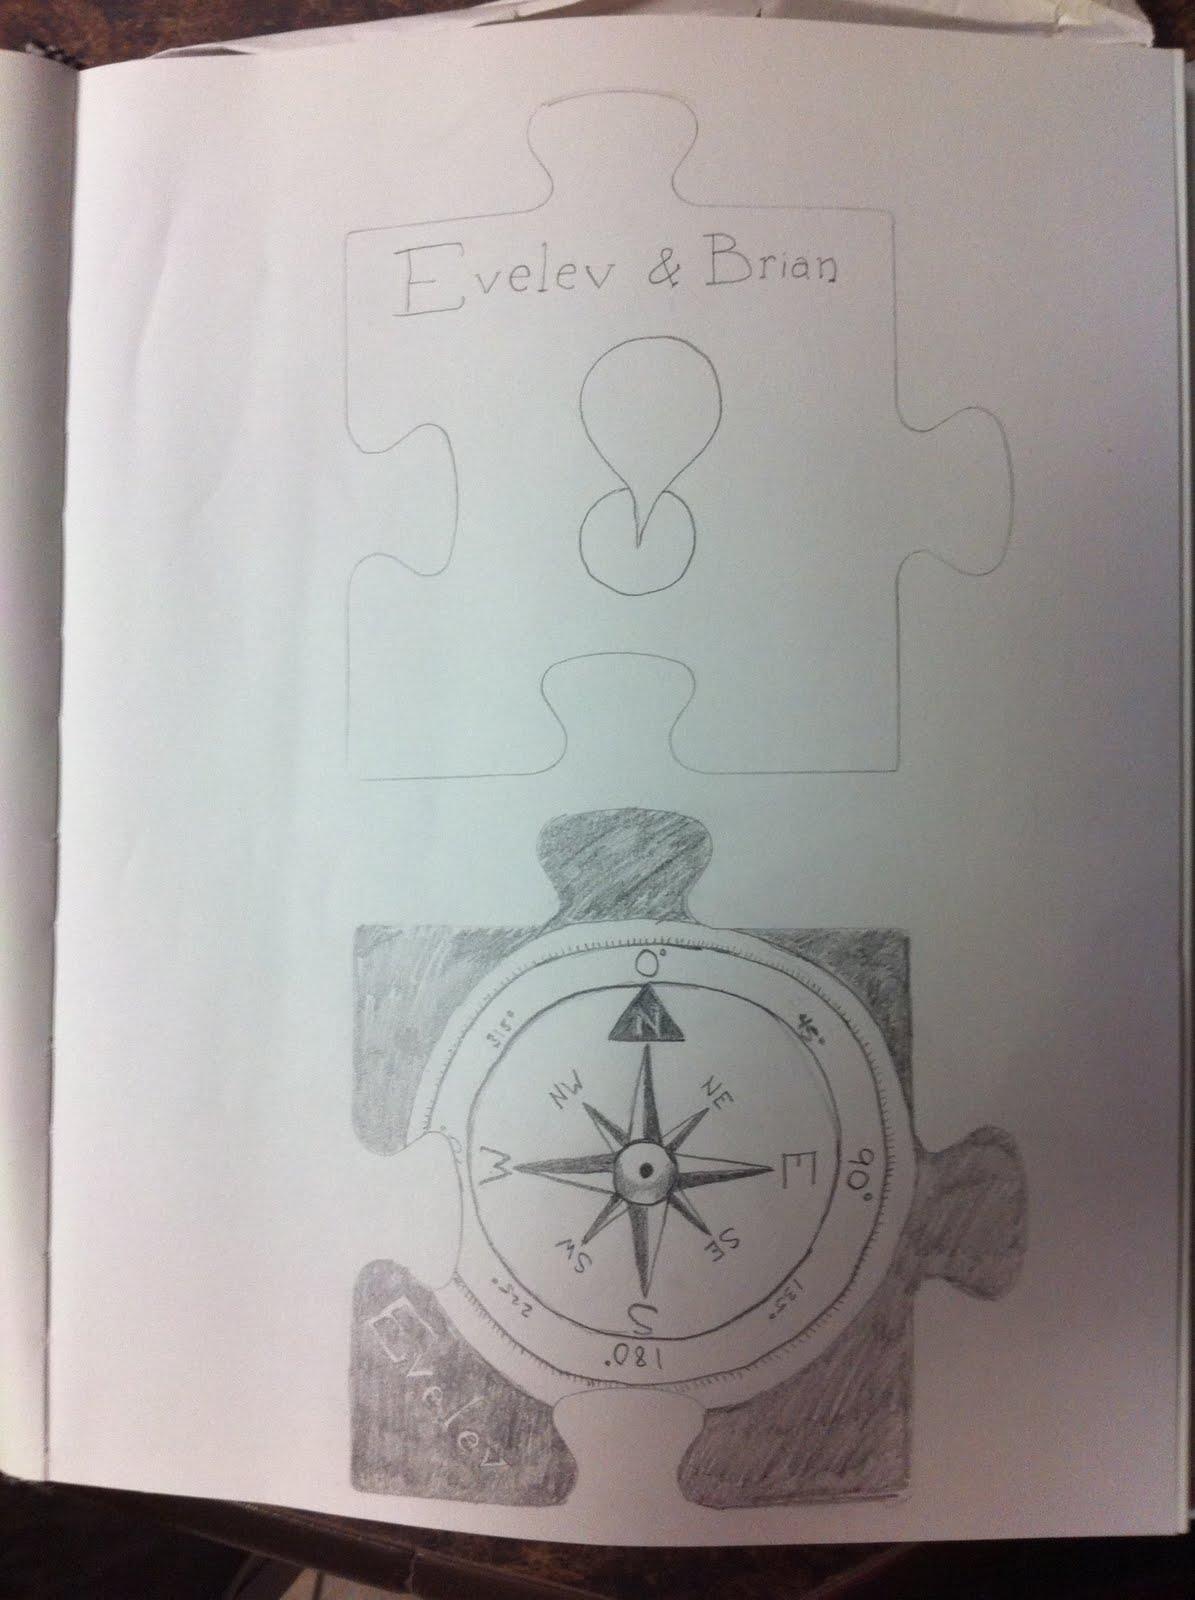 http://1.bp.blogspot.com/-dIJuBjoZv7o/TaJTFe0SYmI/AAAAAAAAAsQ/l9PPepmRh08/s1600/Puzzle_Draft.JPG